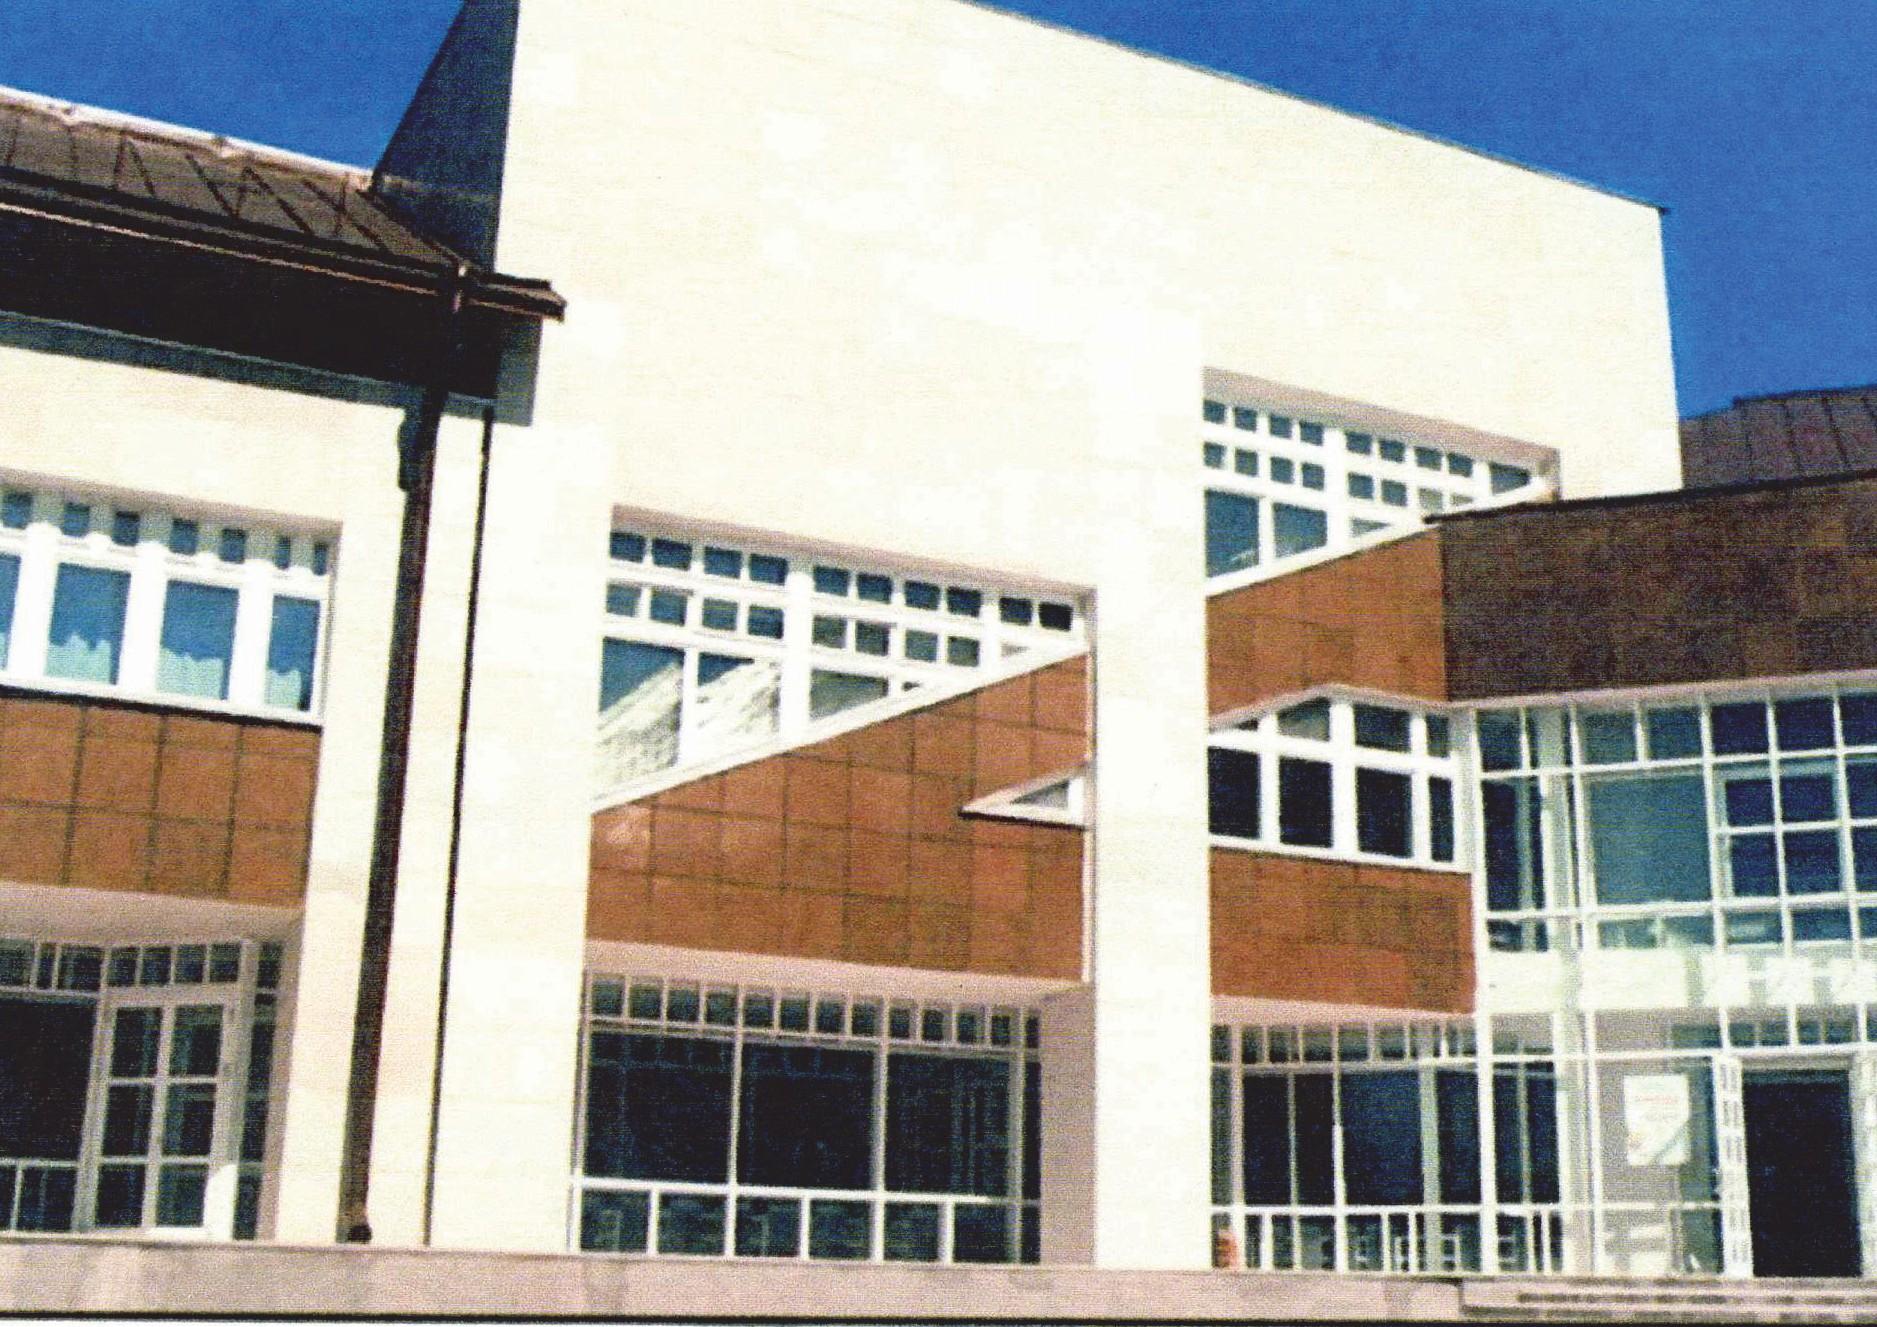 Фрагмент здания школы, офактуренного пенополистиролом